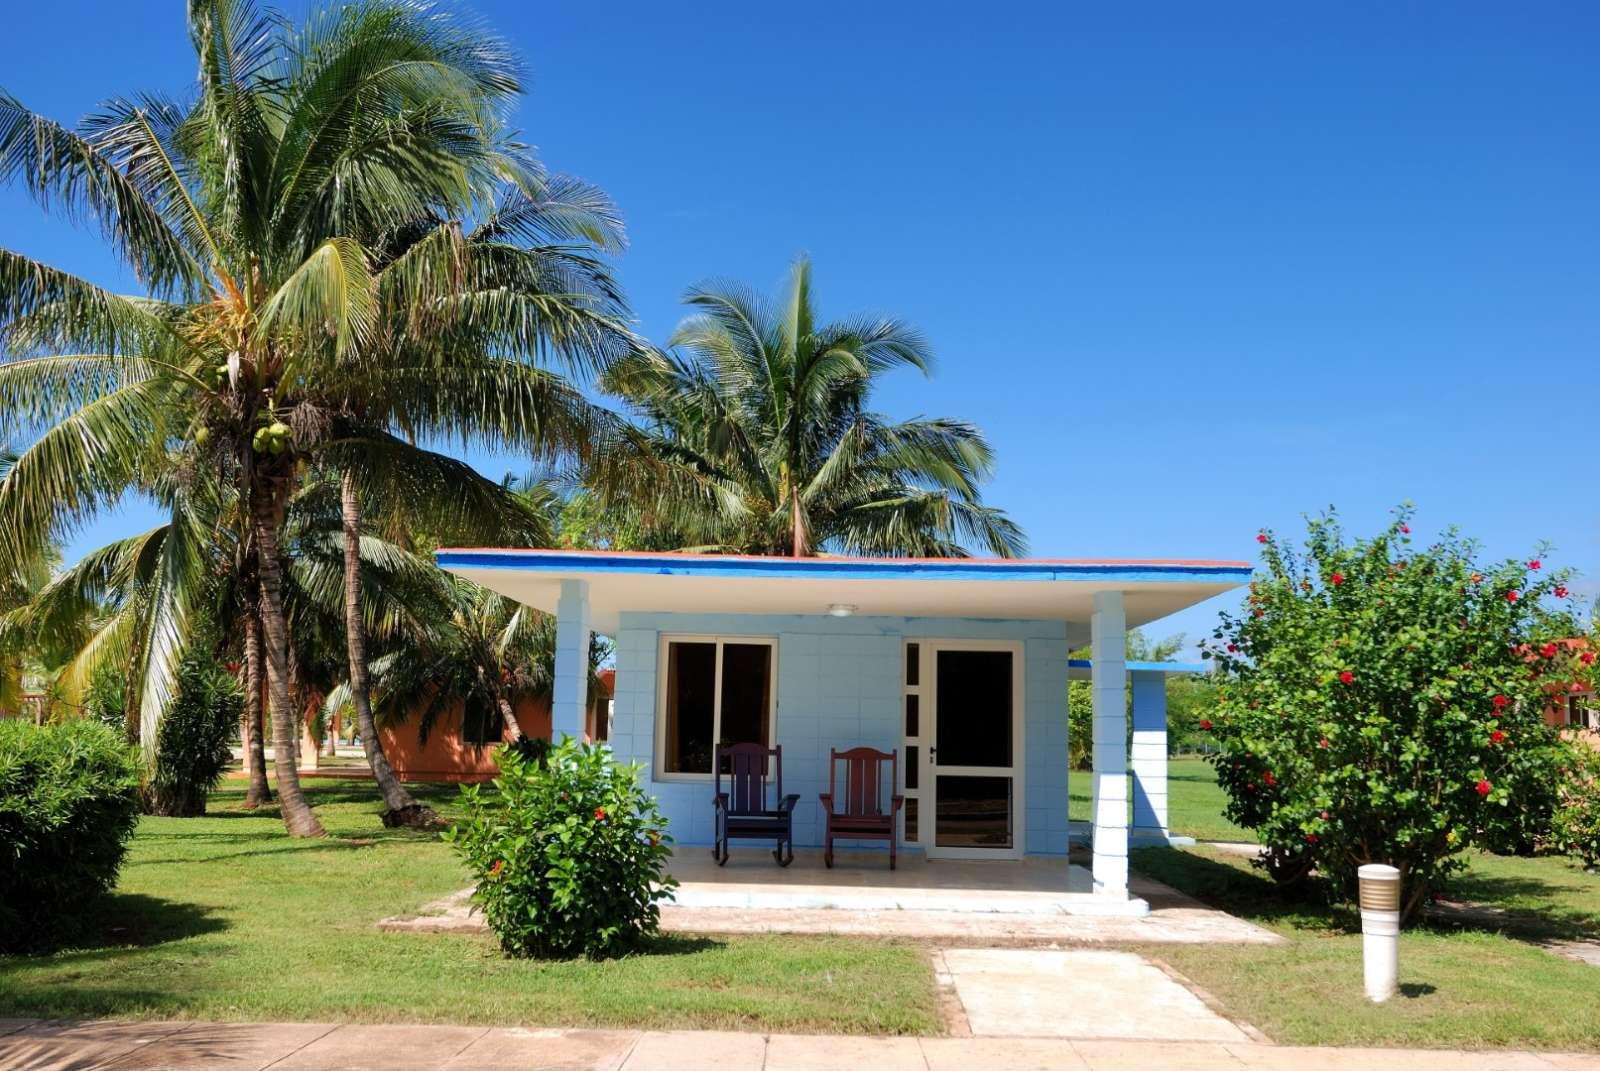 Bungalow at Hotel Playa Larga